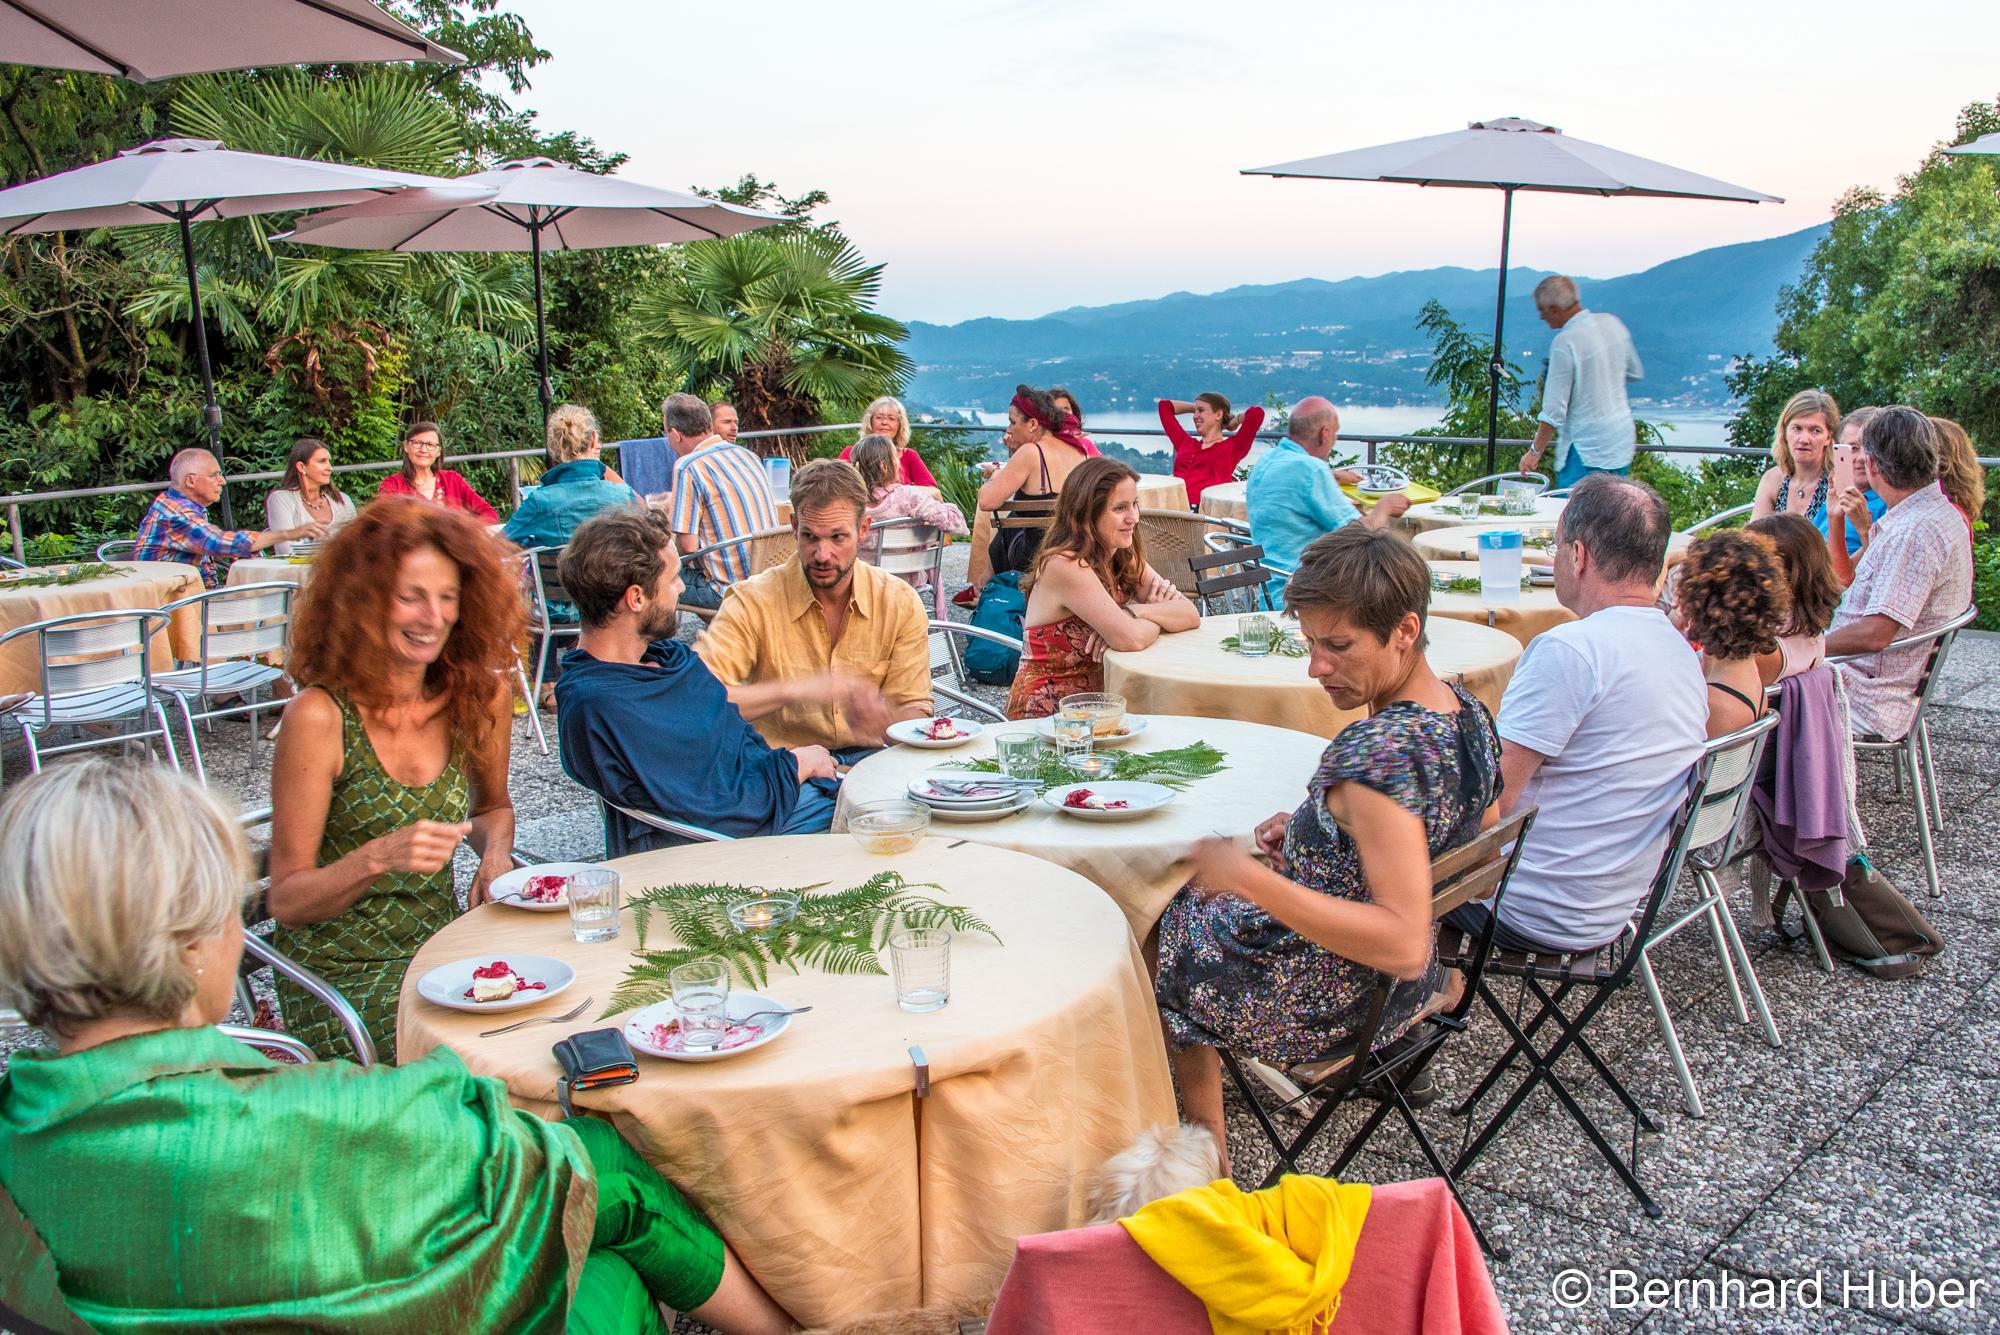 Sommertreffen Centro d'Ompio 2017